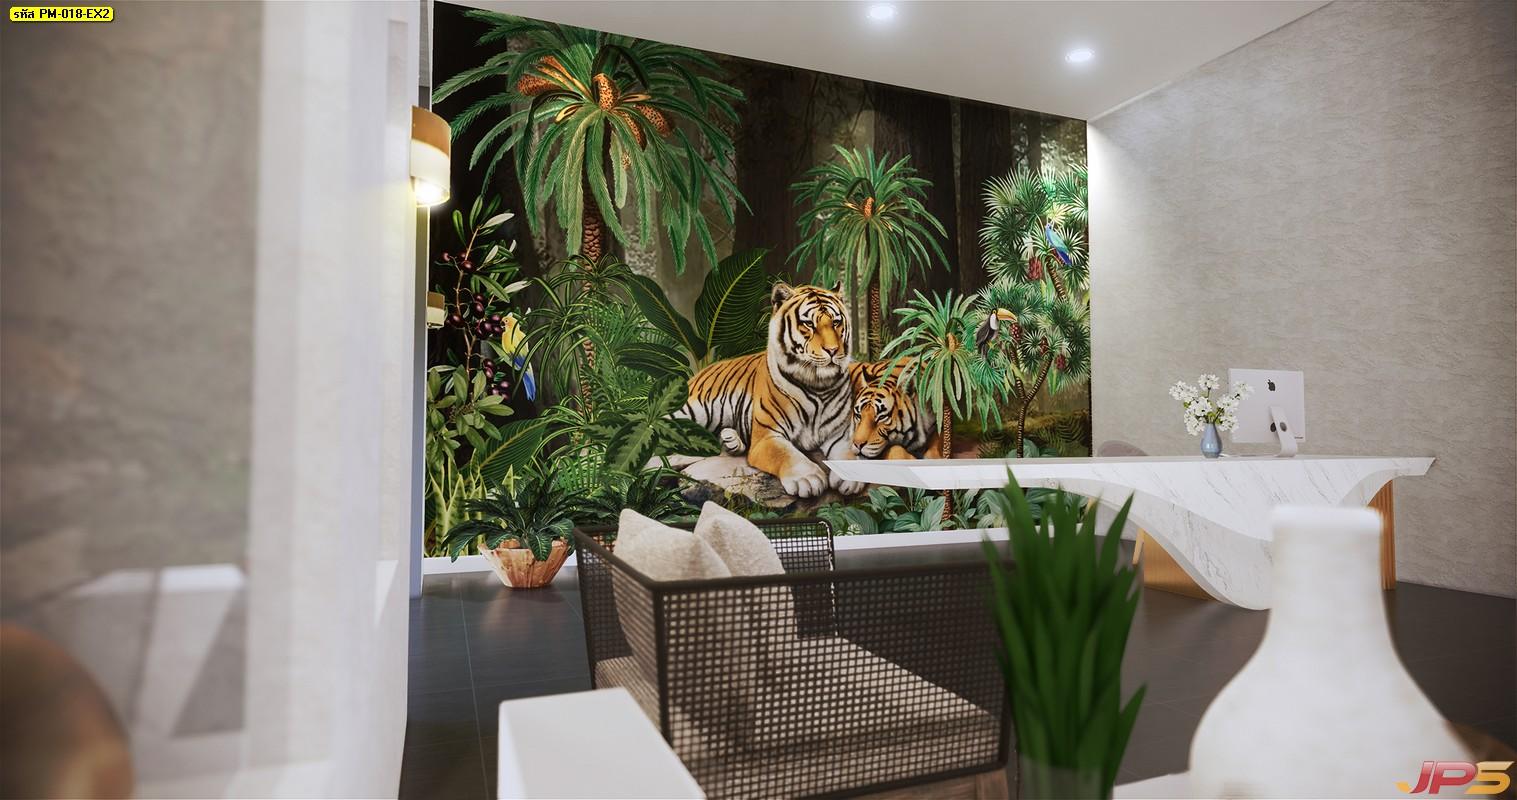 ขายวอลเปเปอร์ ลายสวนป่าเสือโคร่ง ตกแต่งภายในบ้านหรู